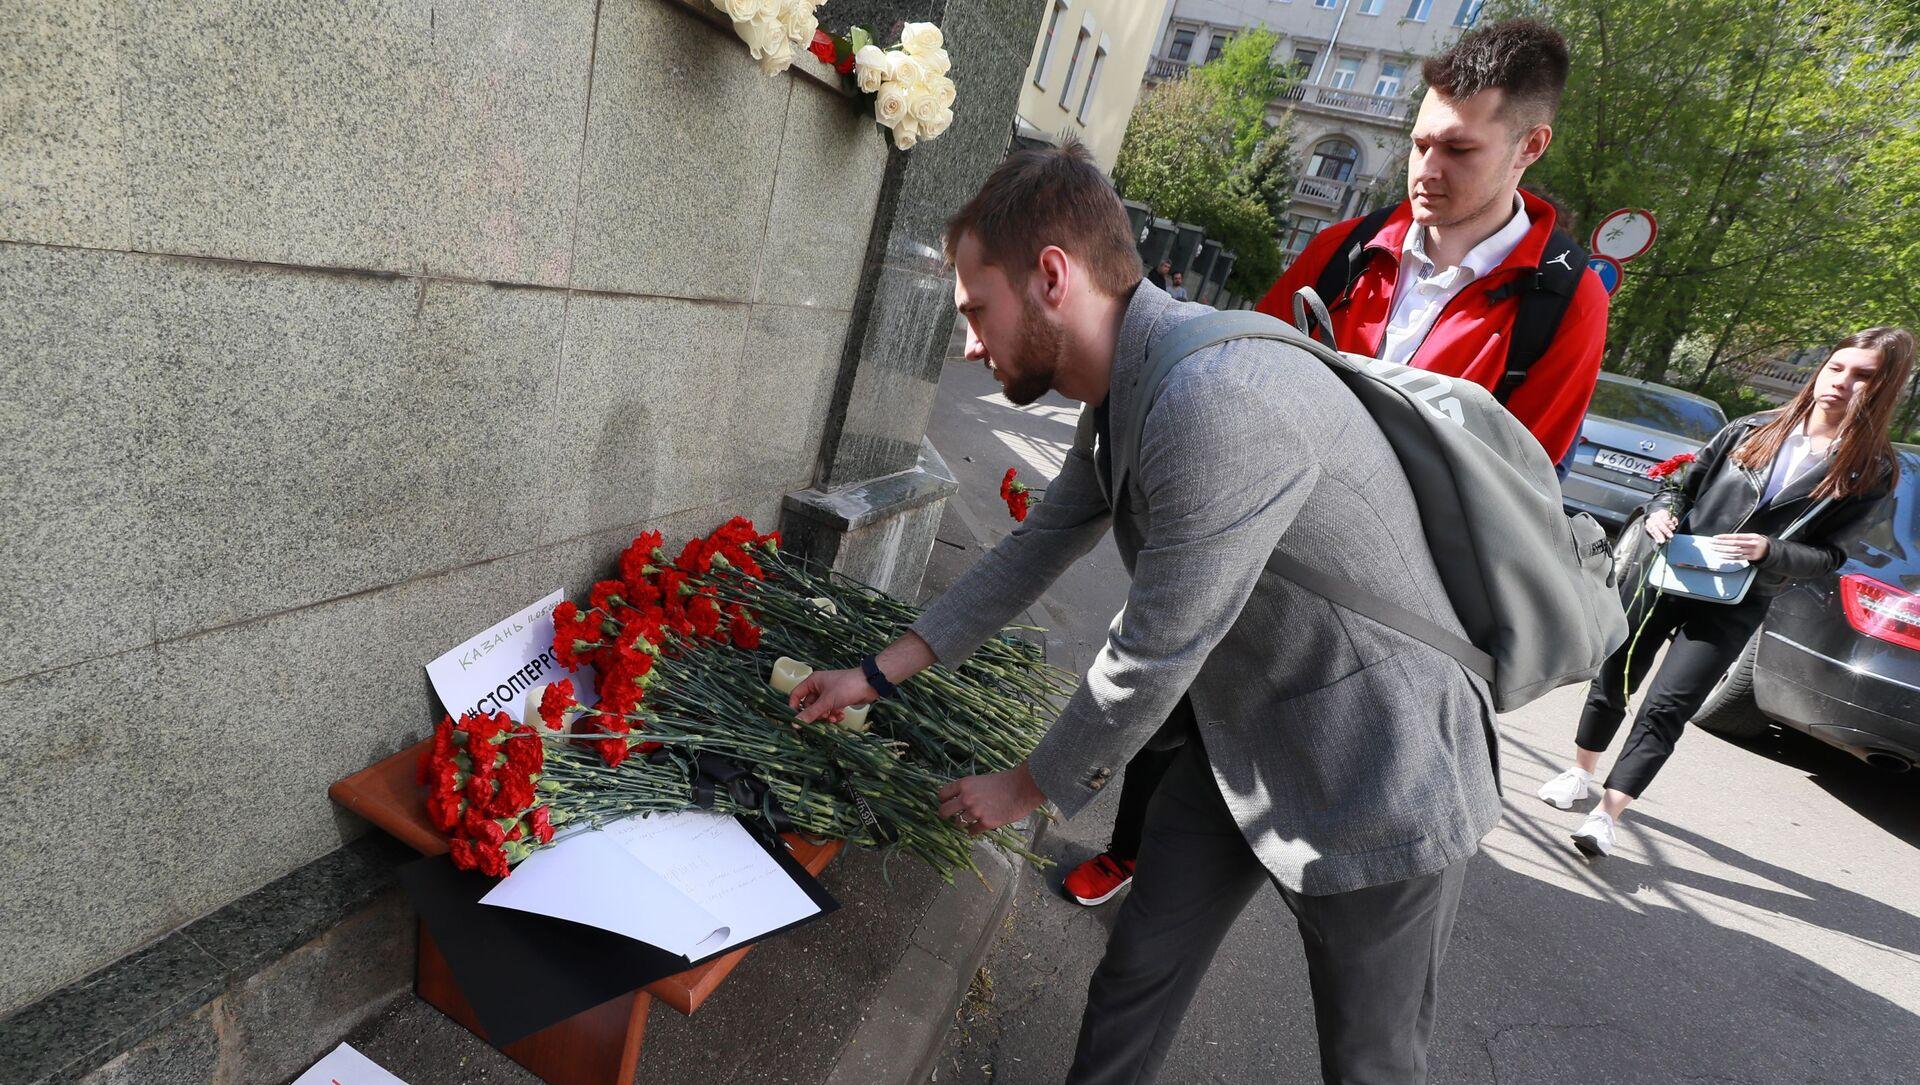 Giovani depongono fiori in segno di cordoglio per la strage di Kazan - Sputnik Italia, 1920, 18.05.2021